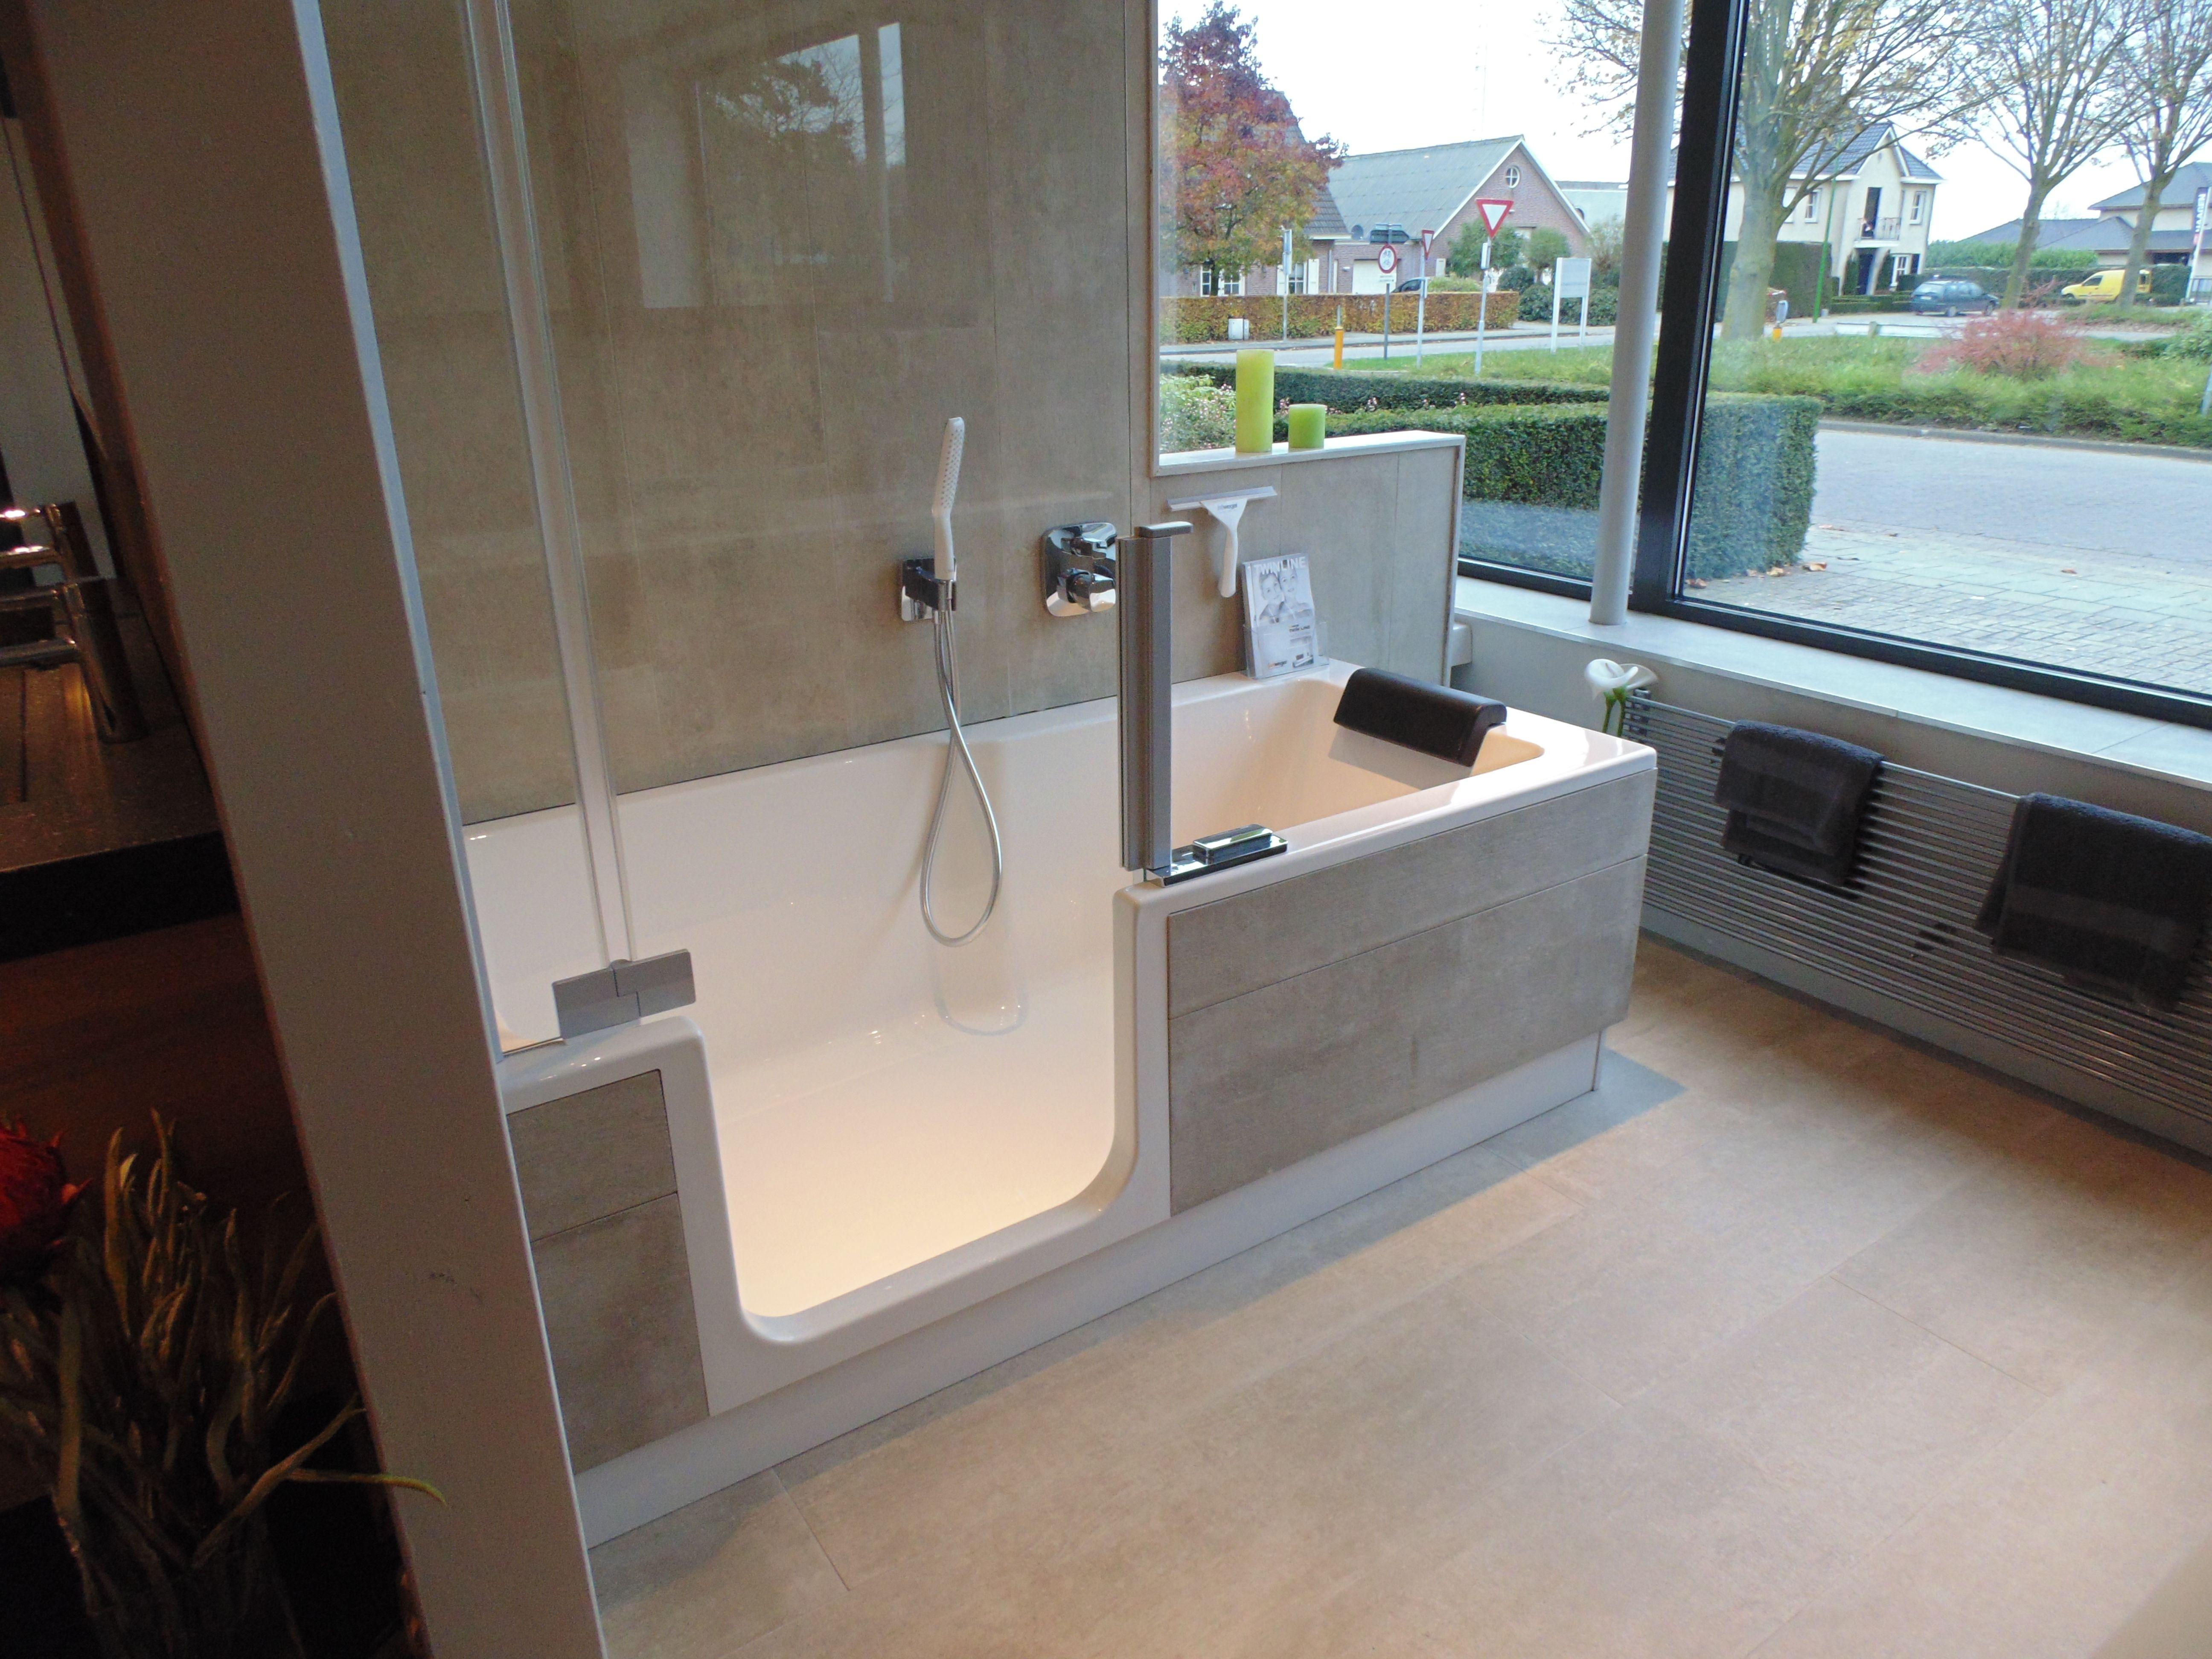 Bad douche combinatie fürdő bathroom design small bathroom